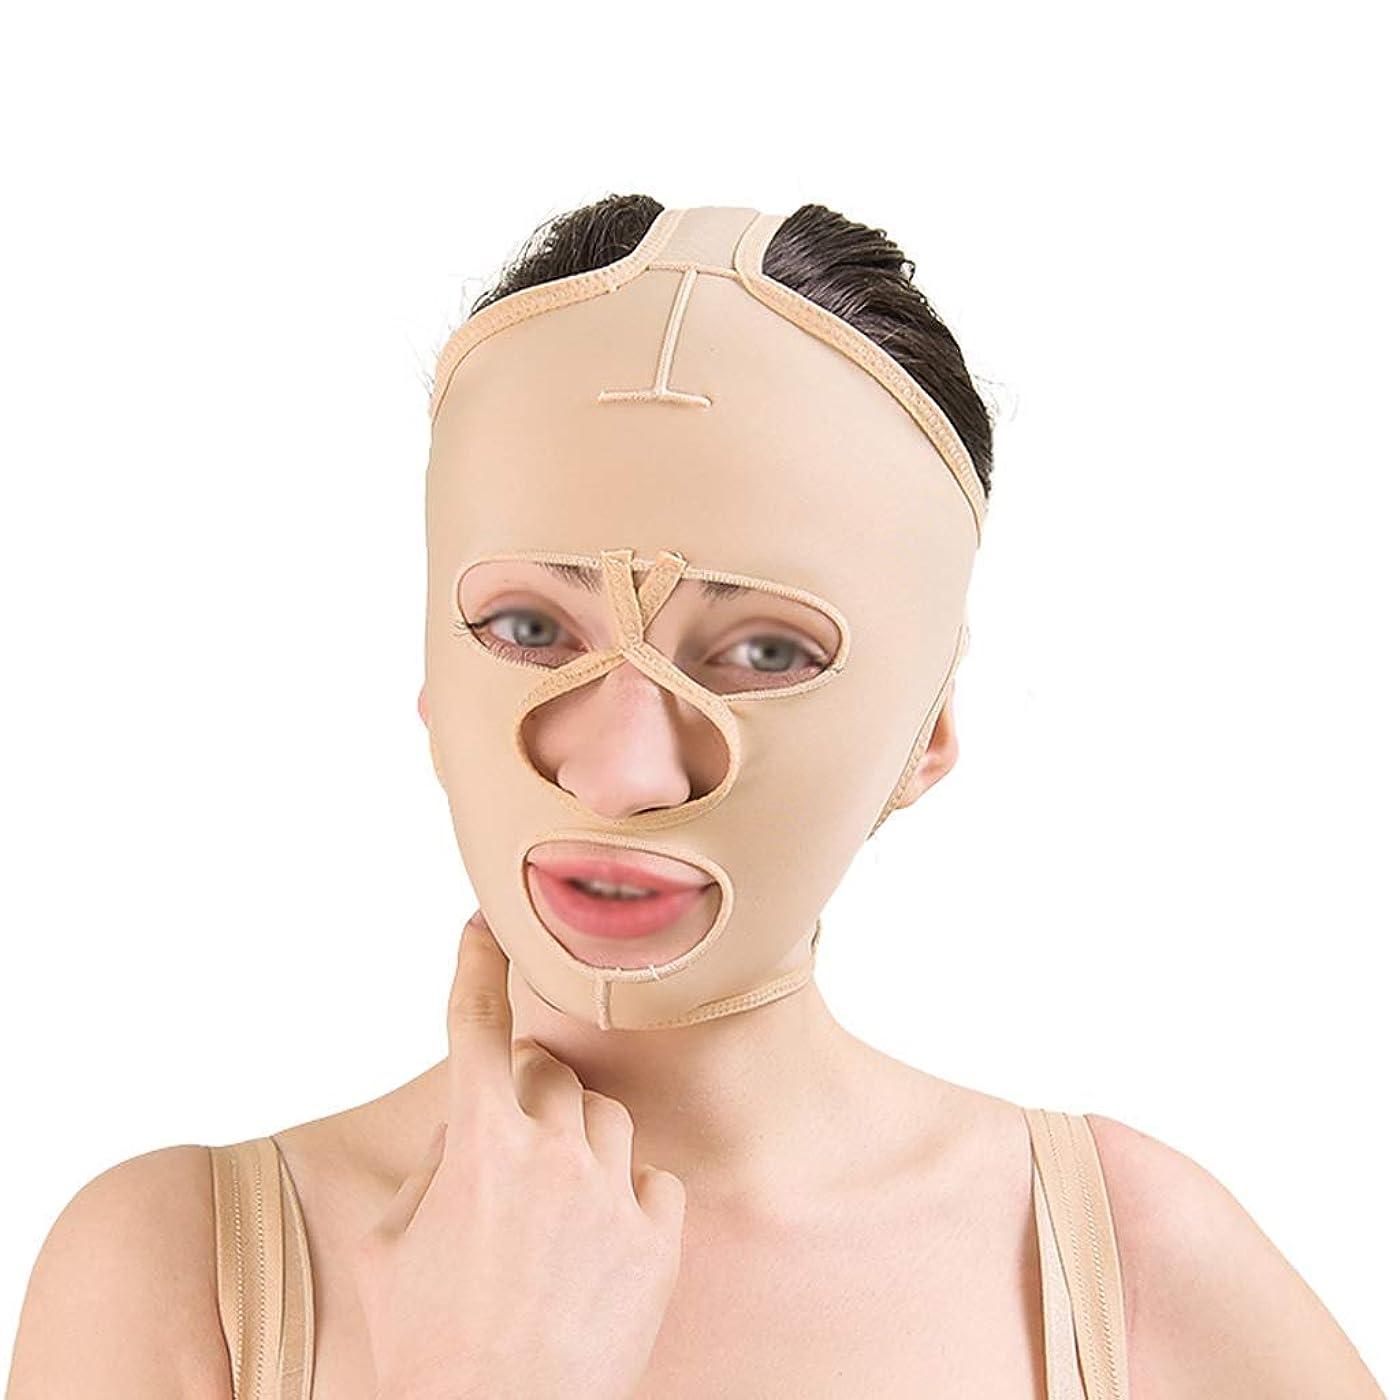 感謝見てするフェイシャルリフティングツール、フェイシャルビューティーリフティングマスク、通気性引き締めリフティングフェイシャル包帯、フェイシャルタイトバンデージ(サイズ:L),M